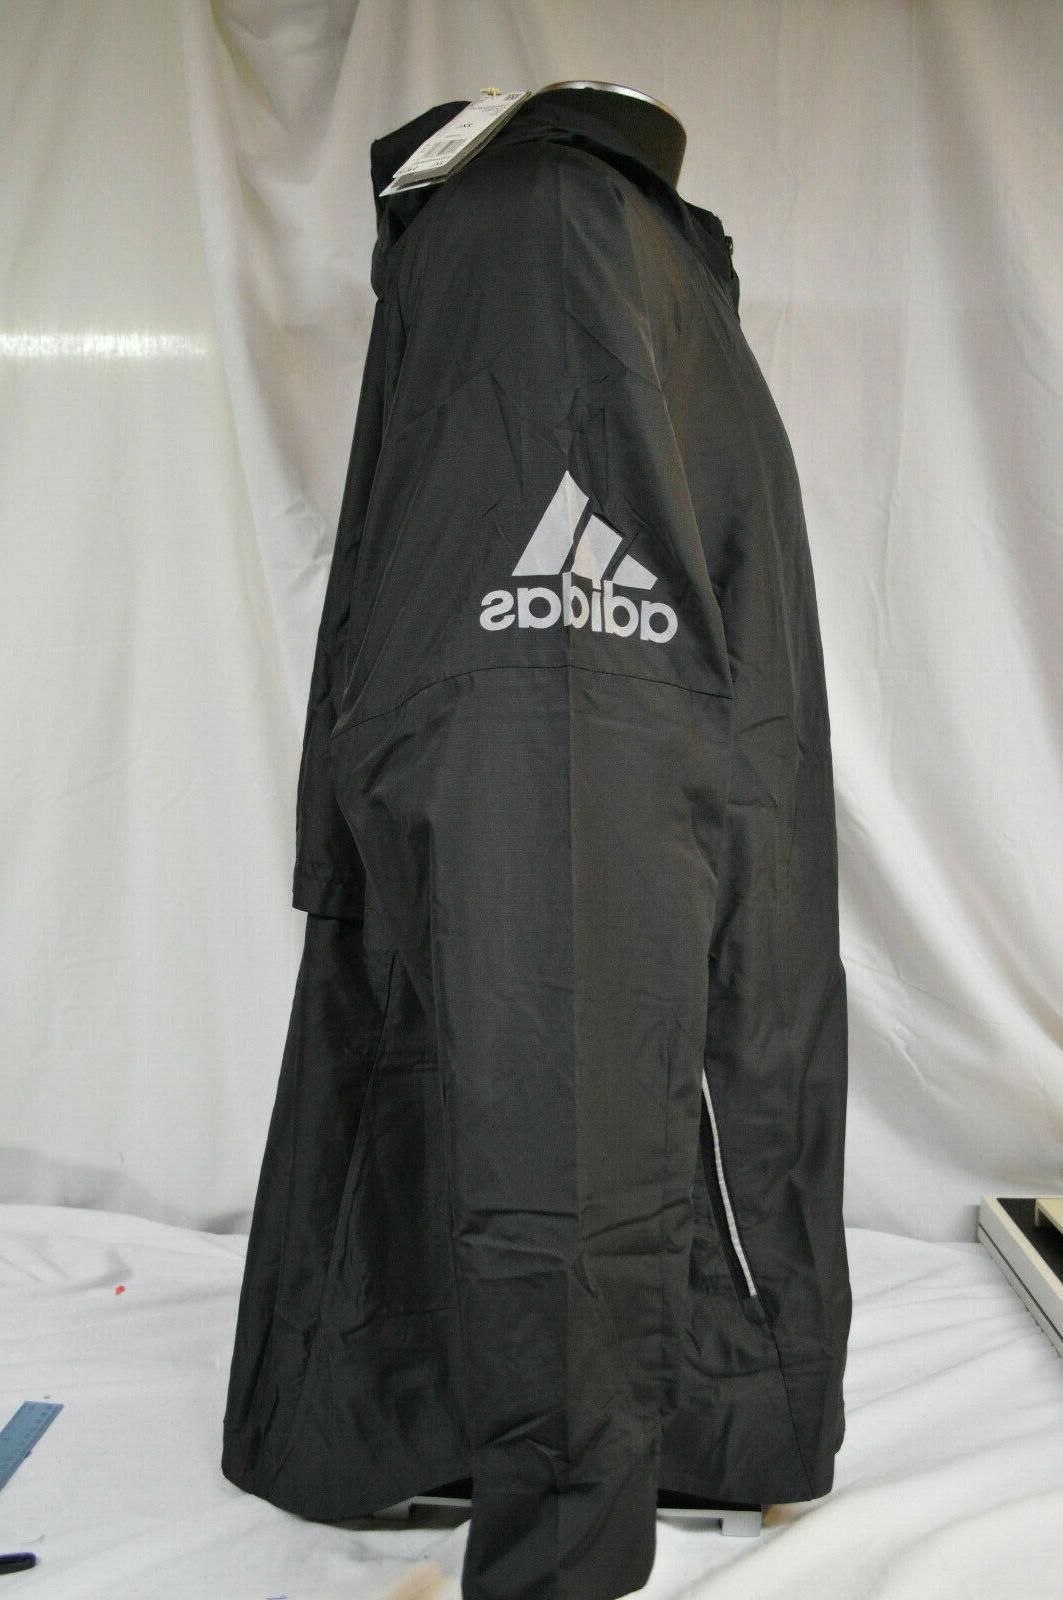 Adidas Men's Black Hooded Reflective Jacket 2XL